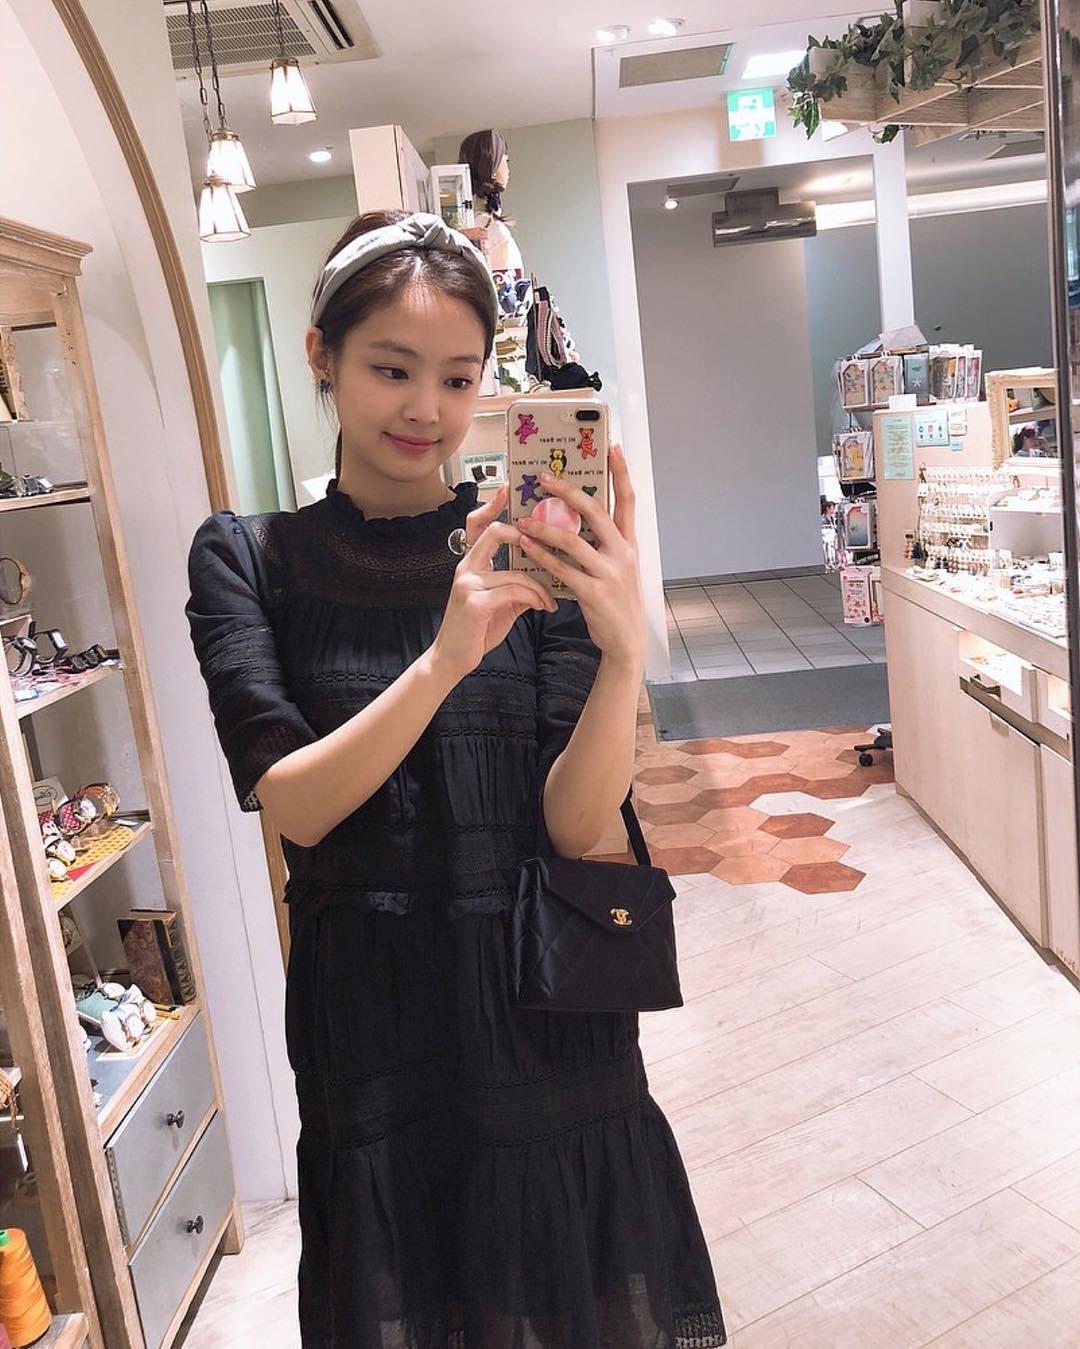 Sao Hàn Jennie mặc đầm đen xách túi Chanel